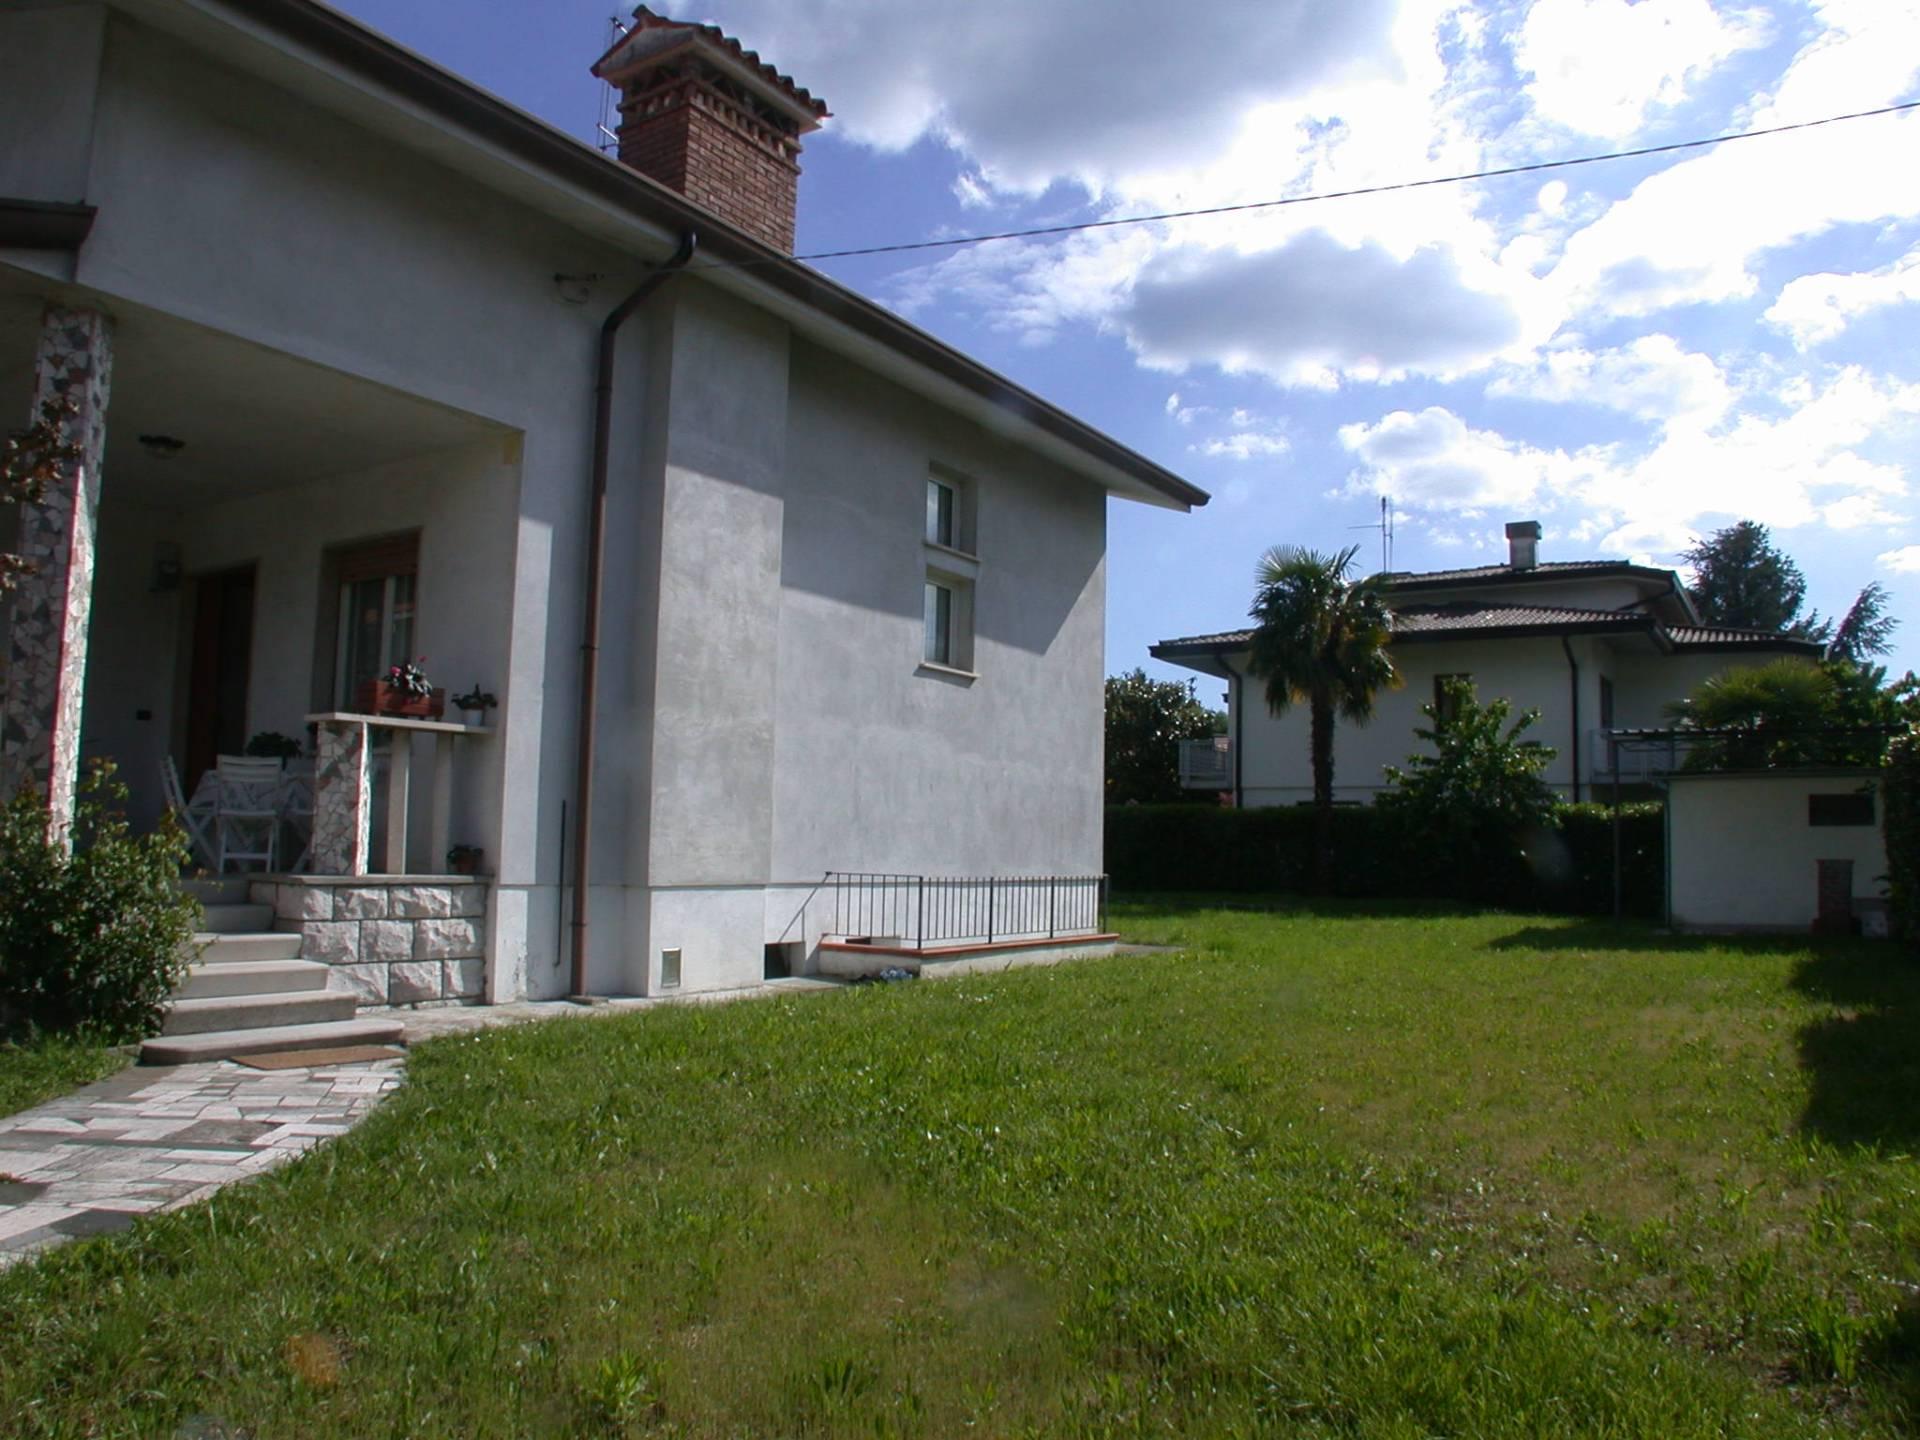 Soluzione Indipendente in vendita a Gorizia, 5 locali, zona Località: MadonninadelFante, prezzo € 232.000 | CambioCasa.it